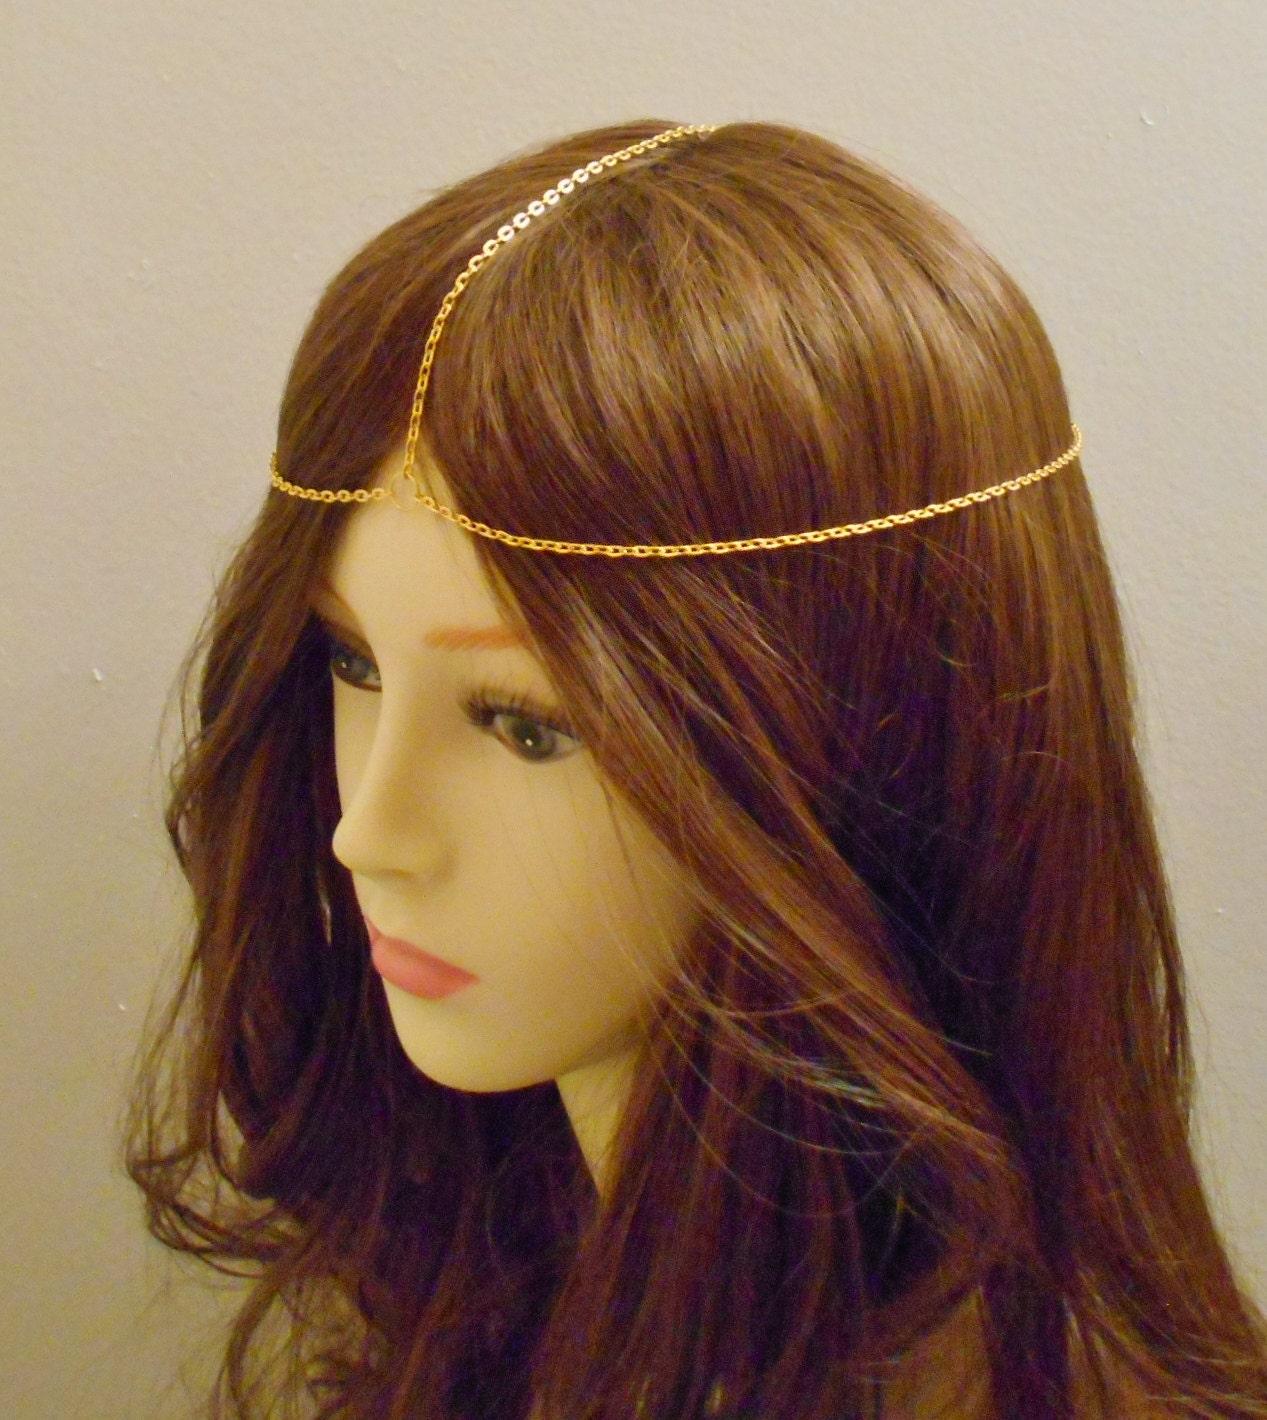 Simple Head Chain Head Jewelry Chain Chain Headpiece Chain